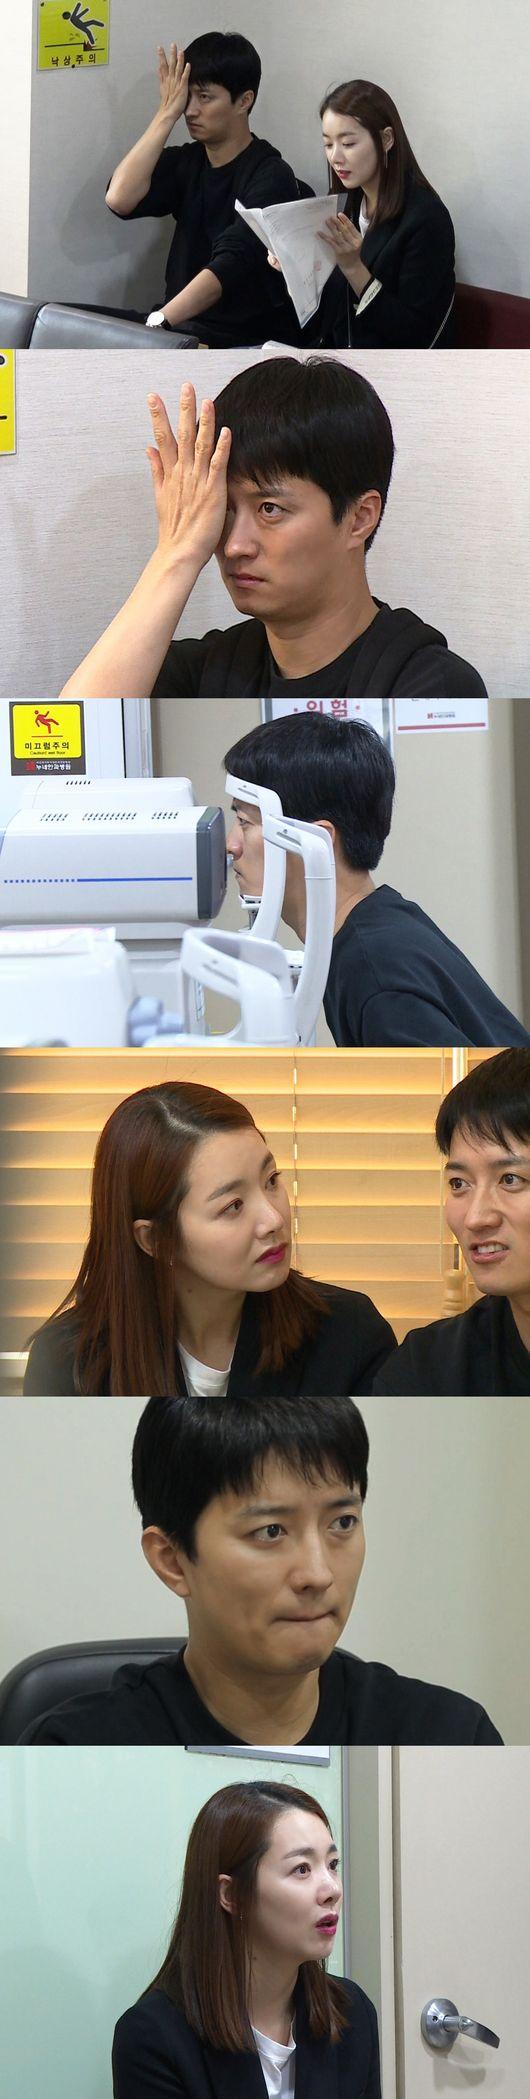 동상이몽2 인교진, ♥소이현과 1년만 황반변성 정기검진 재발 흔해